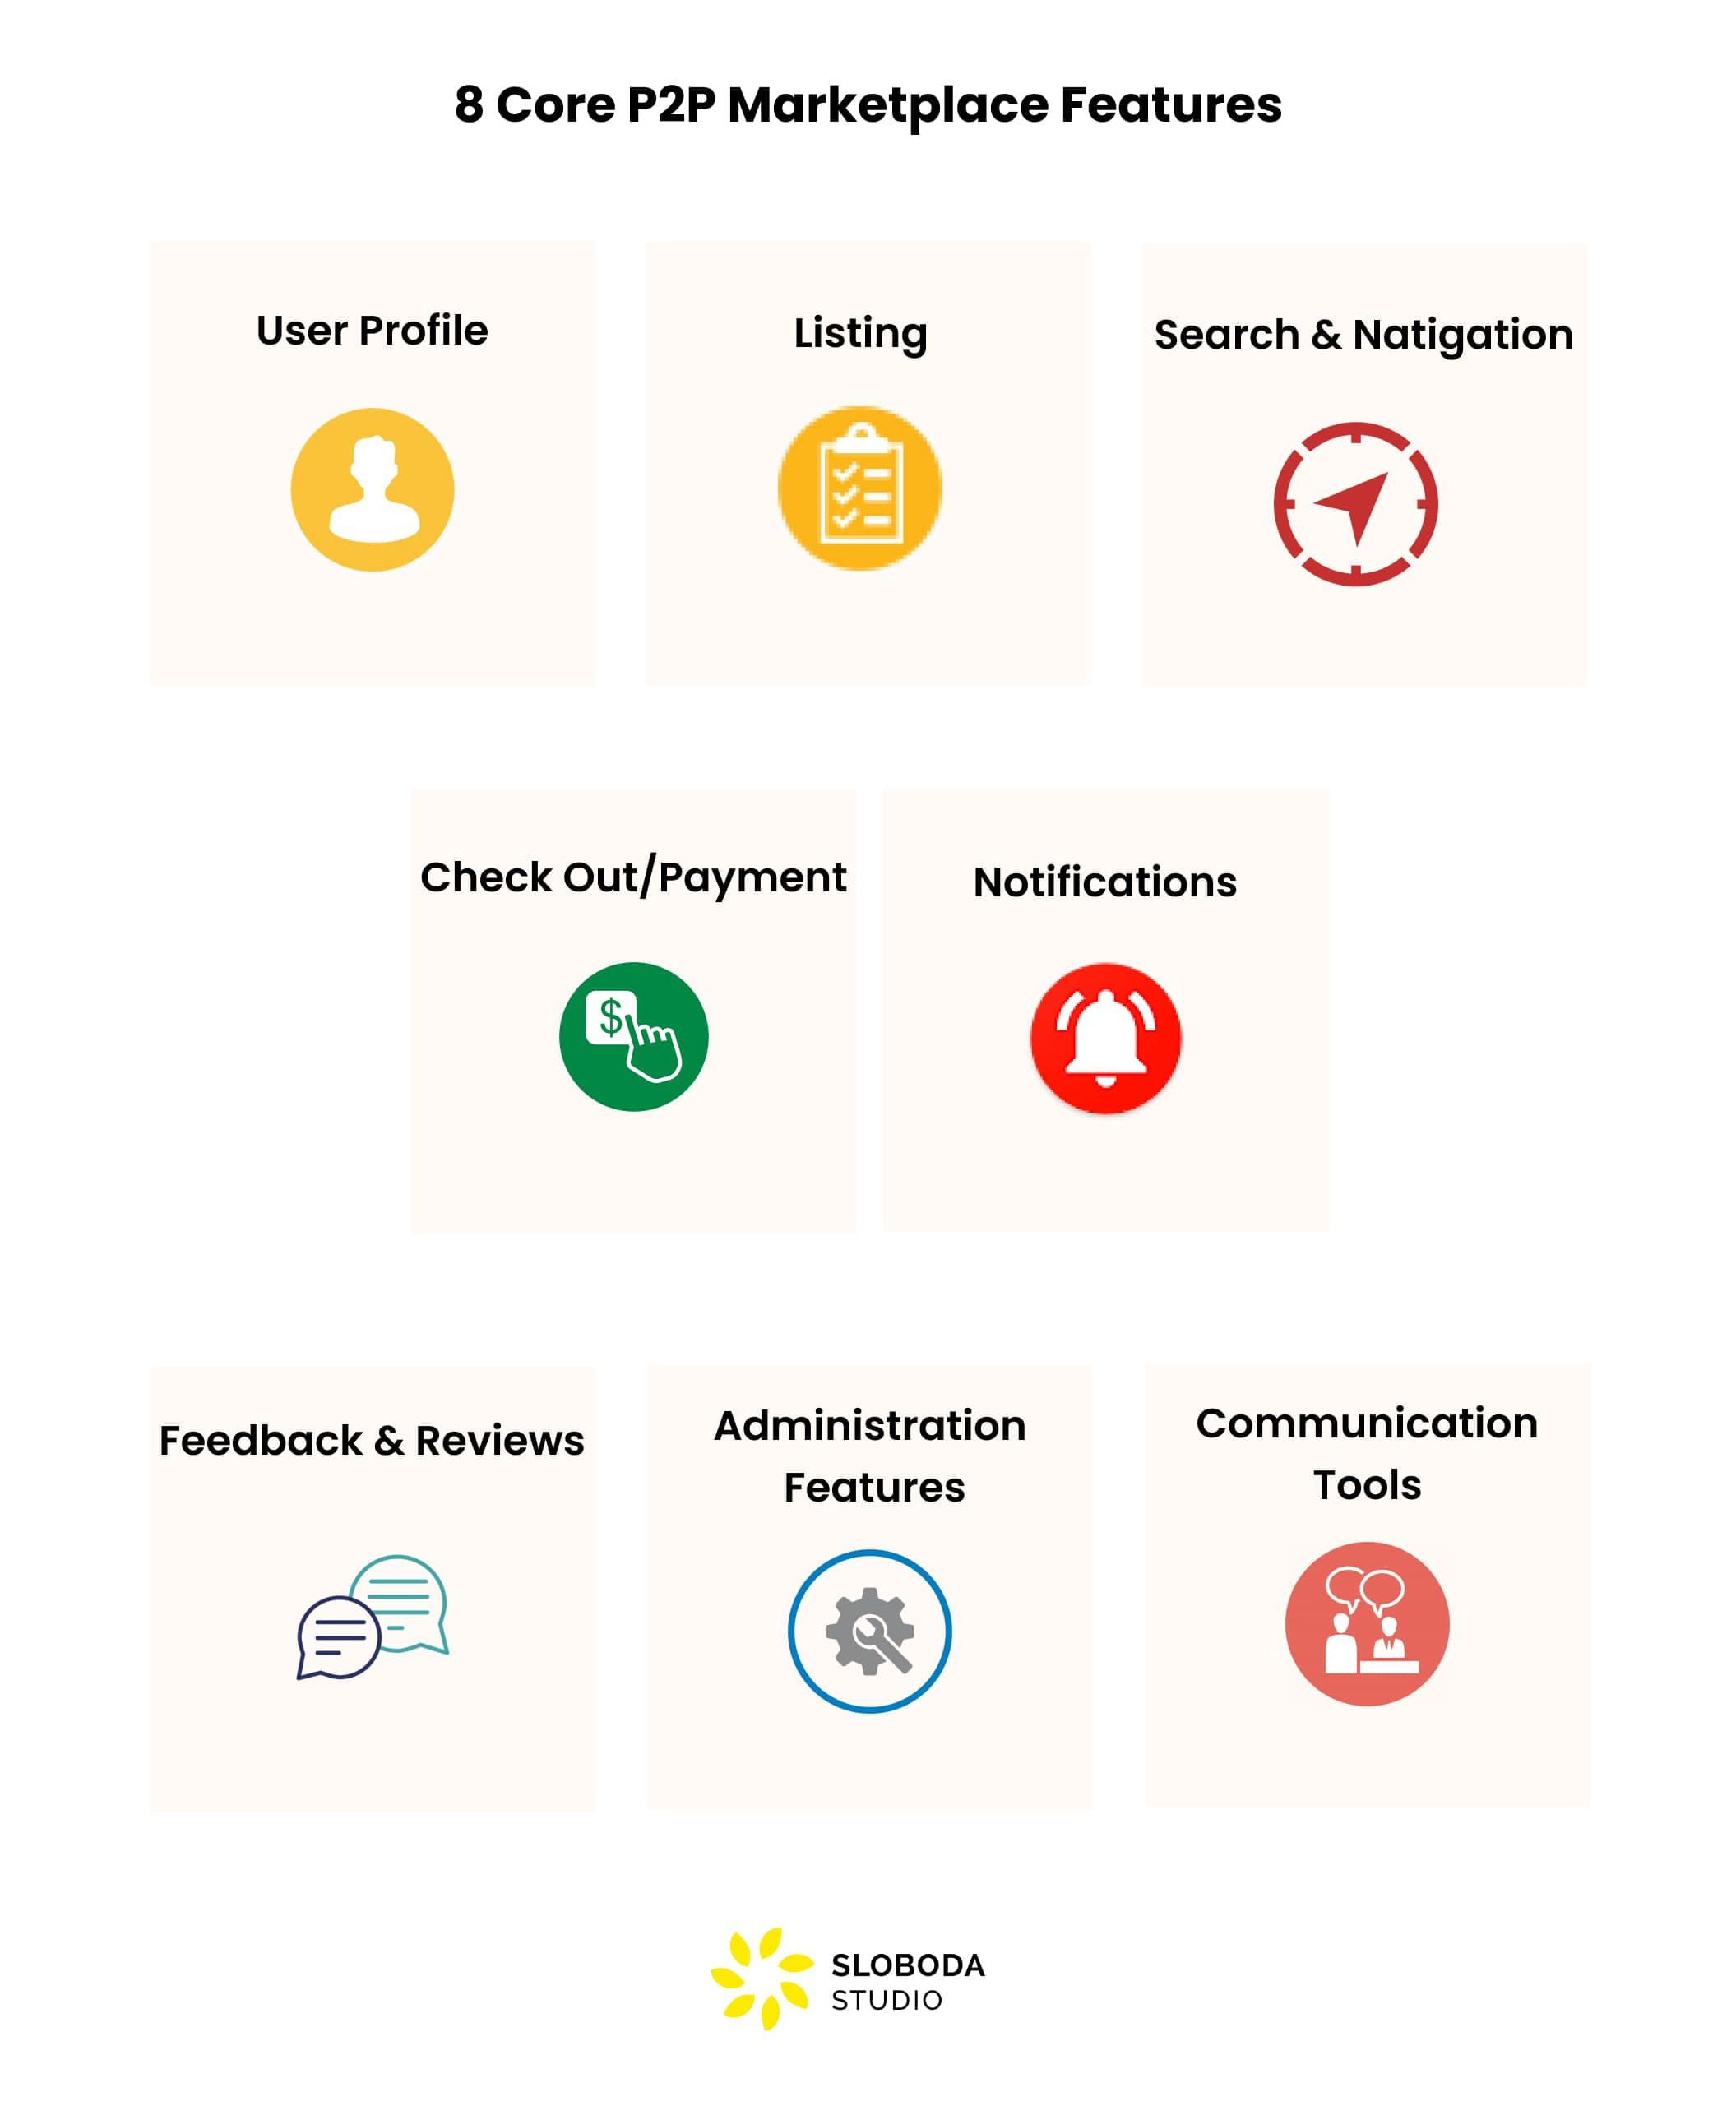 core c2c marketplace features